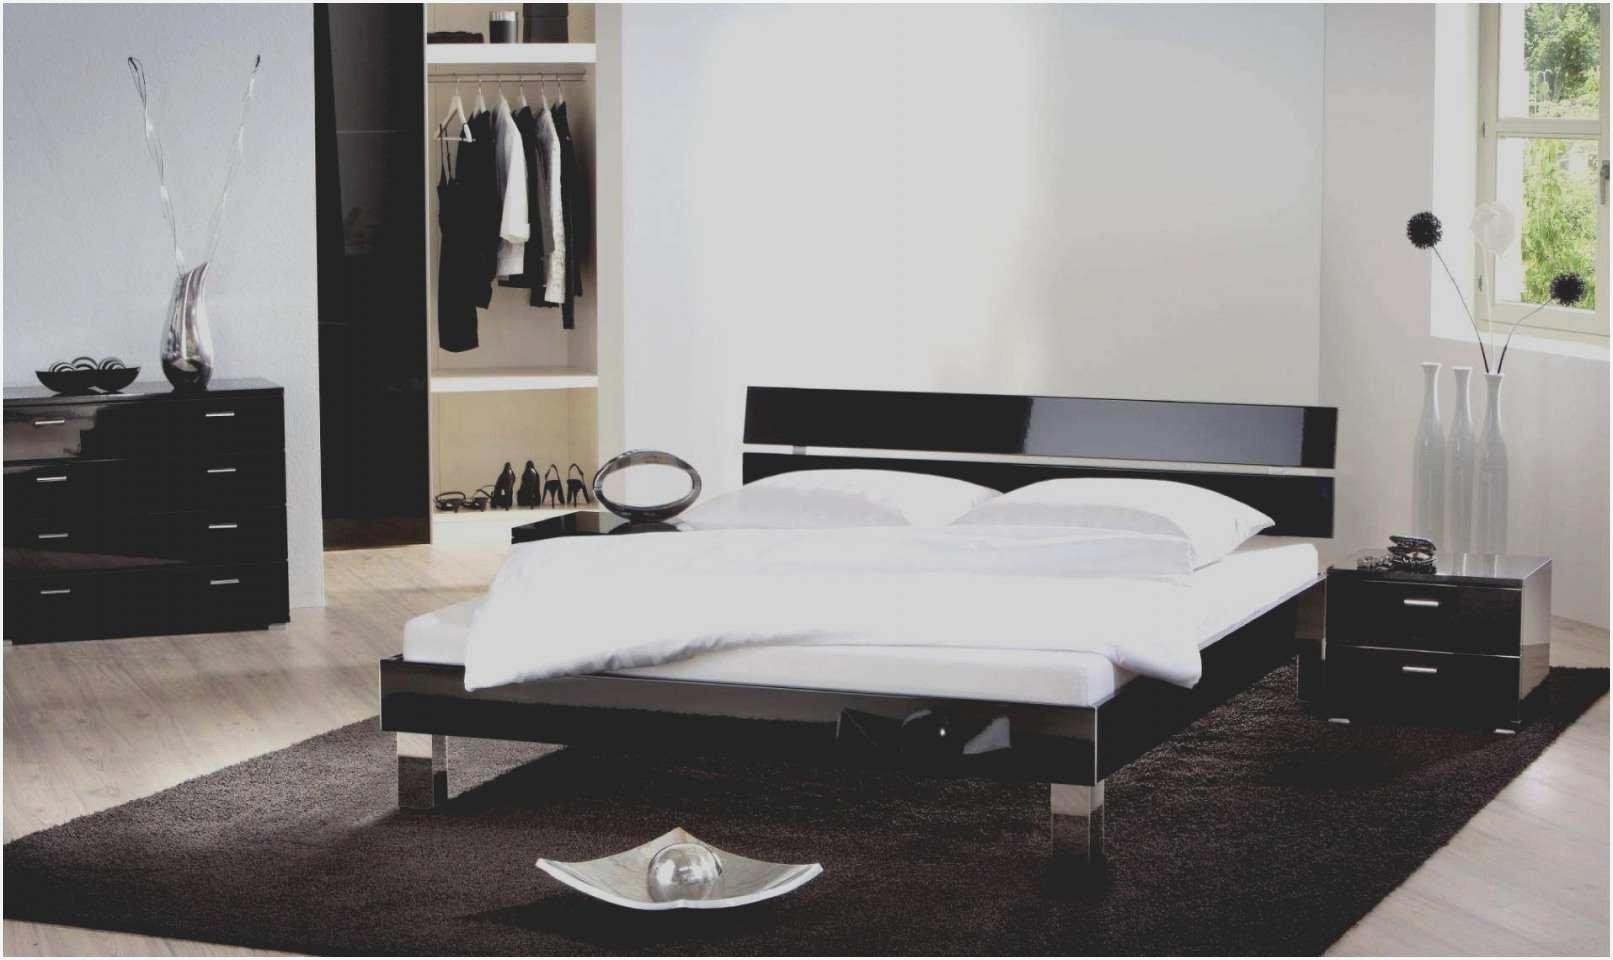 Lampe Für Schlafzimmer Ikea